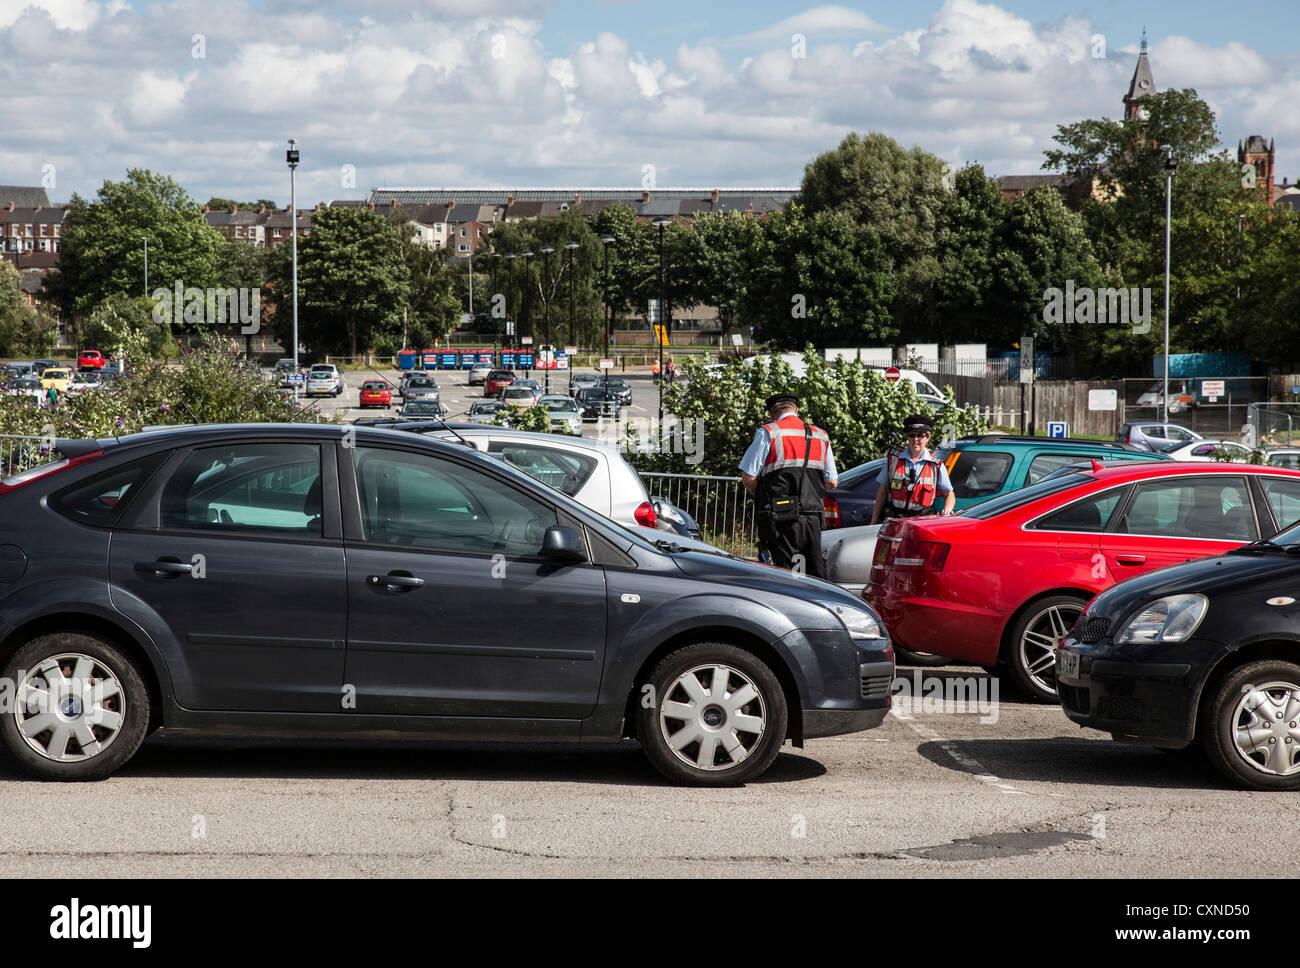 Les Directeurs D Etablissement D Une Darlington Uk Parking Voitures Verifier Pour Donner Avis De Penalite Photo Stock Alamy